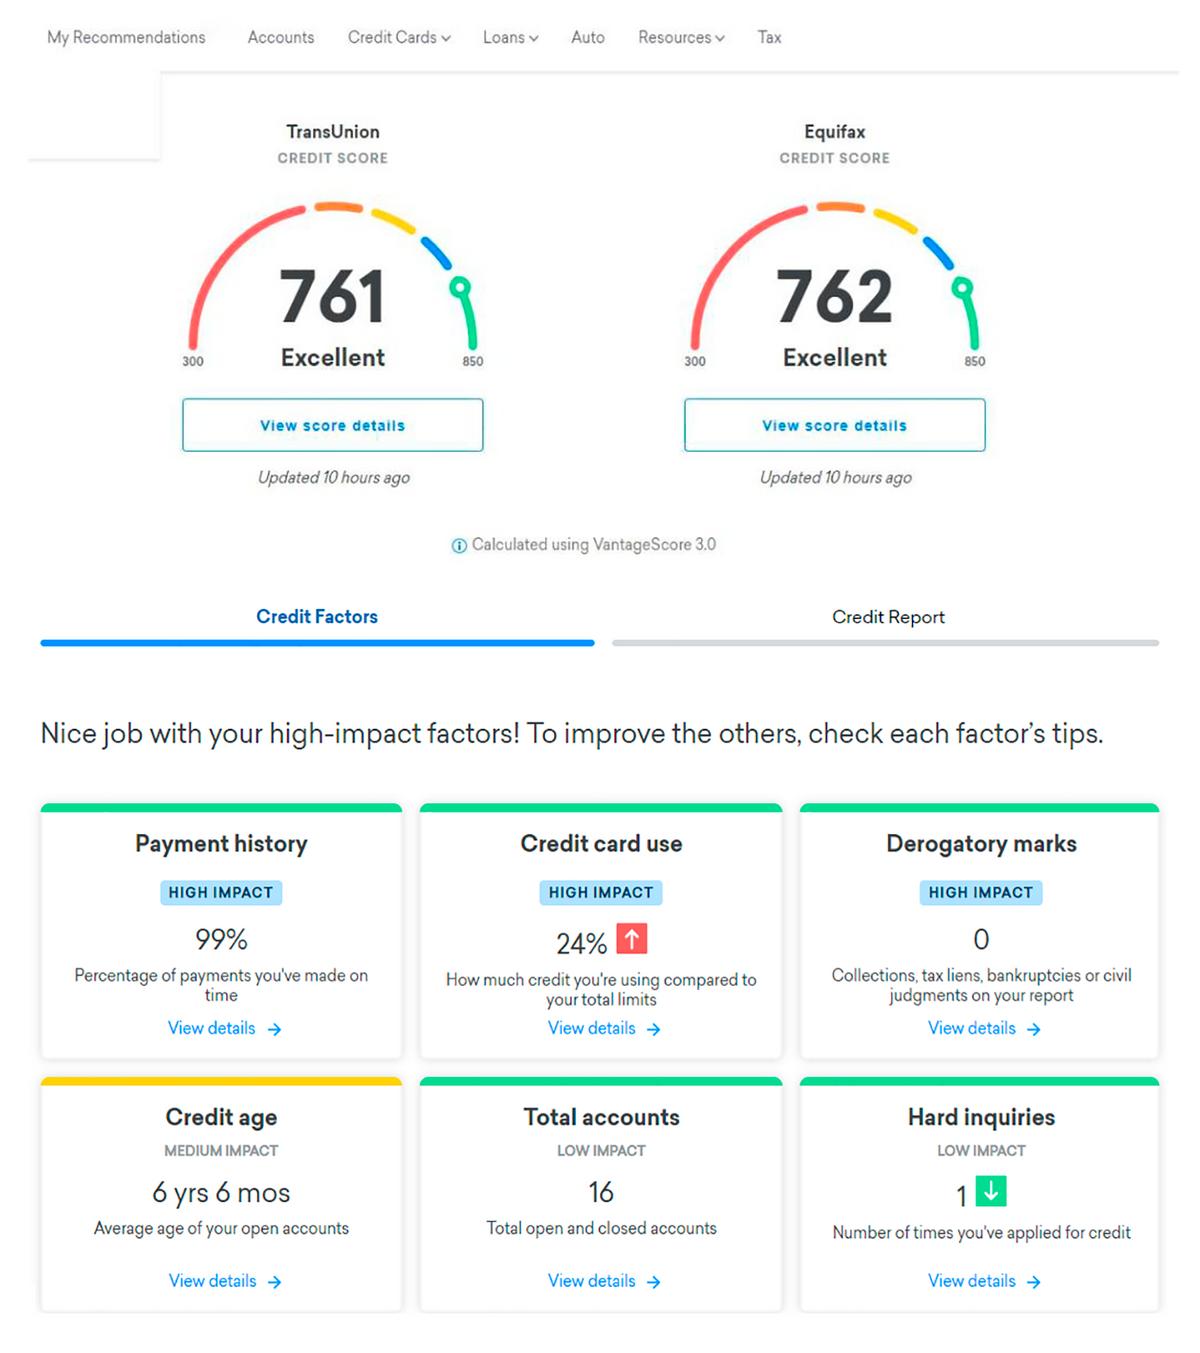 В приложении Credit Karma можно бесплатно следить за своим рейтингом. Здесь отмечают количество проверок и открытых счетов. Еще можно проверить шансы на получение новой кредитной карты, а также наблюдать за показателями: почему рейтинг повысился или понизился